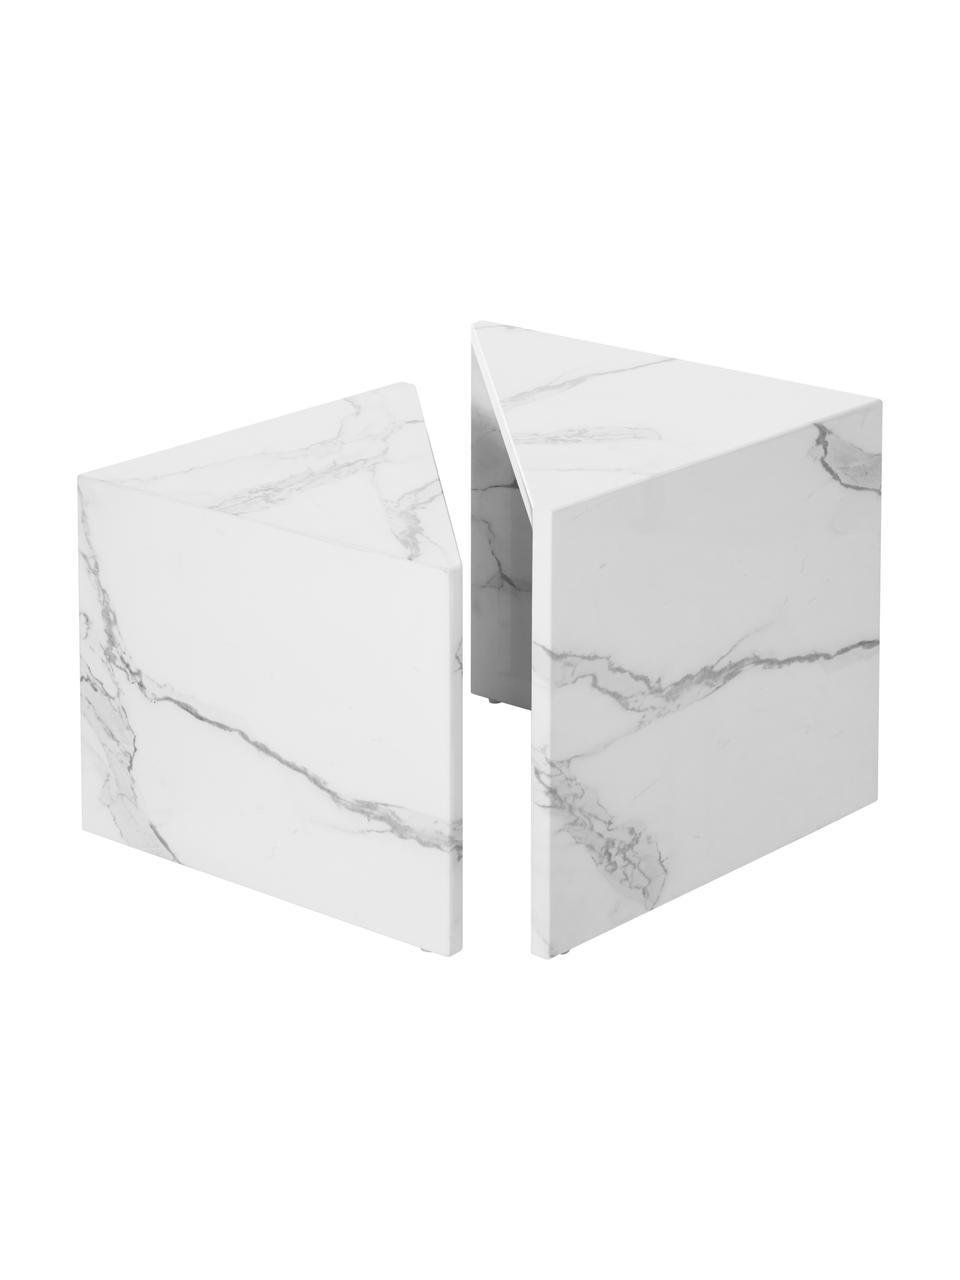 Set 2 tavolini da salotto effetto marmo Vilma, Pannello di fibre a media densità (MDF) rivestito con carta effetto marmo laccata, Bianco marmorizzato lucido, Set in varie misure